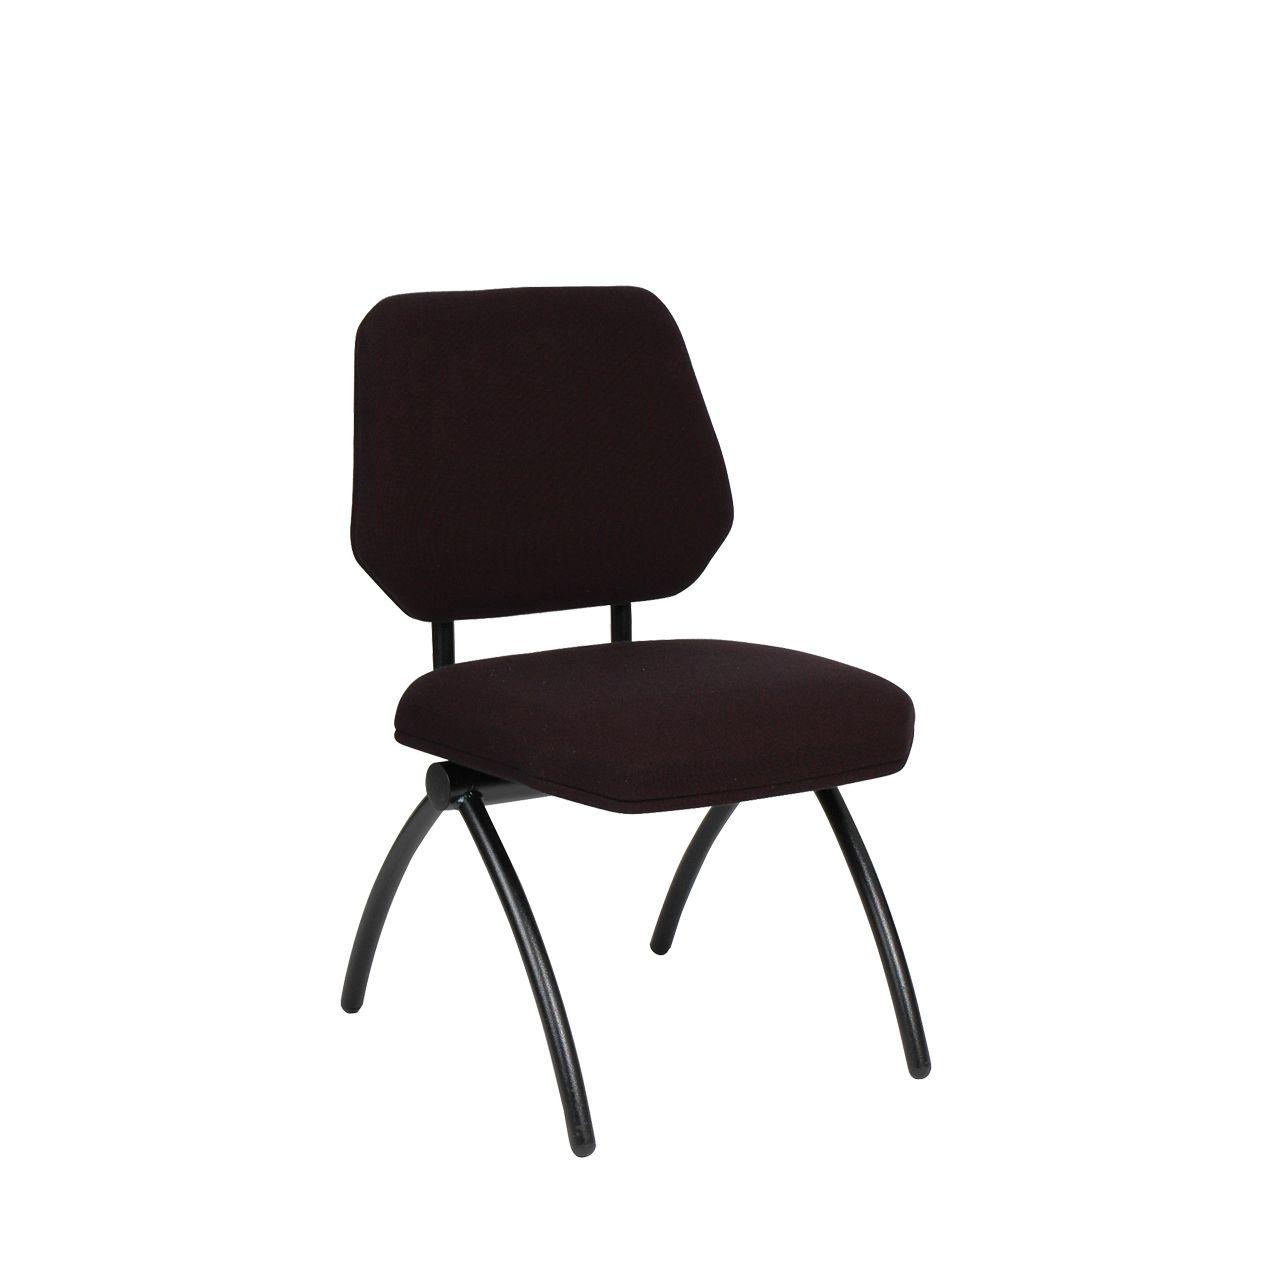 maxx wachtkamerstoel obesitas xxl stoelen ARTNRNNB Schuin Klein